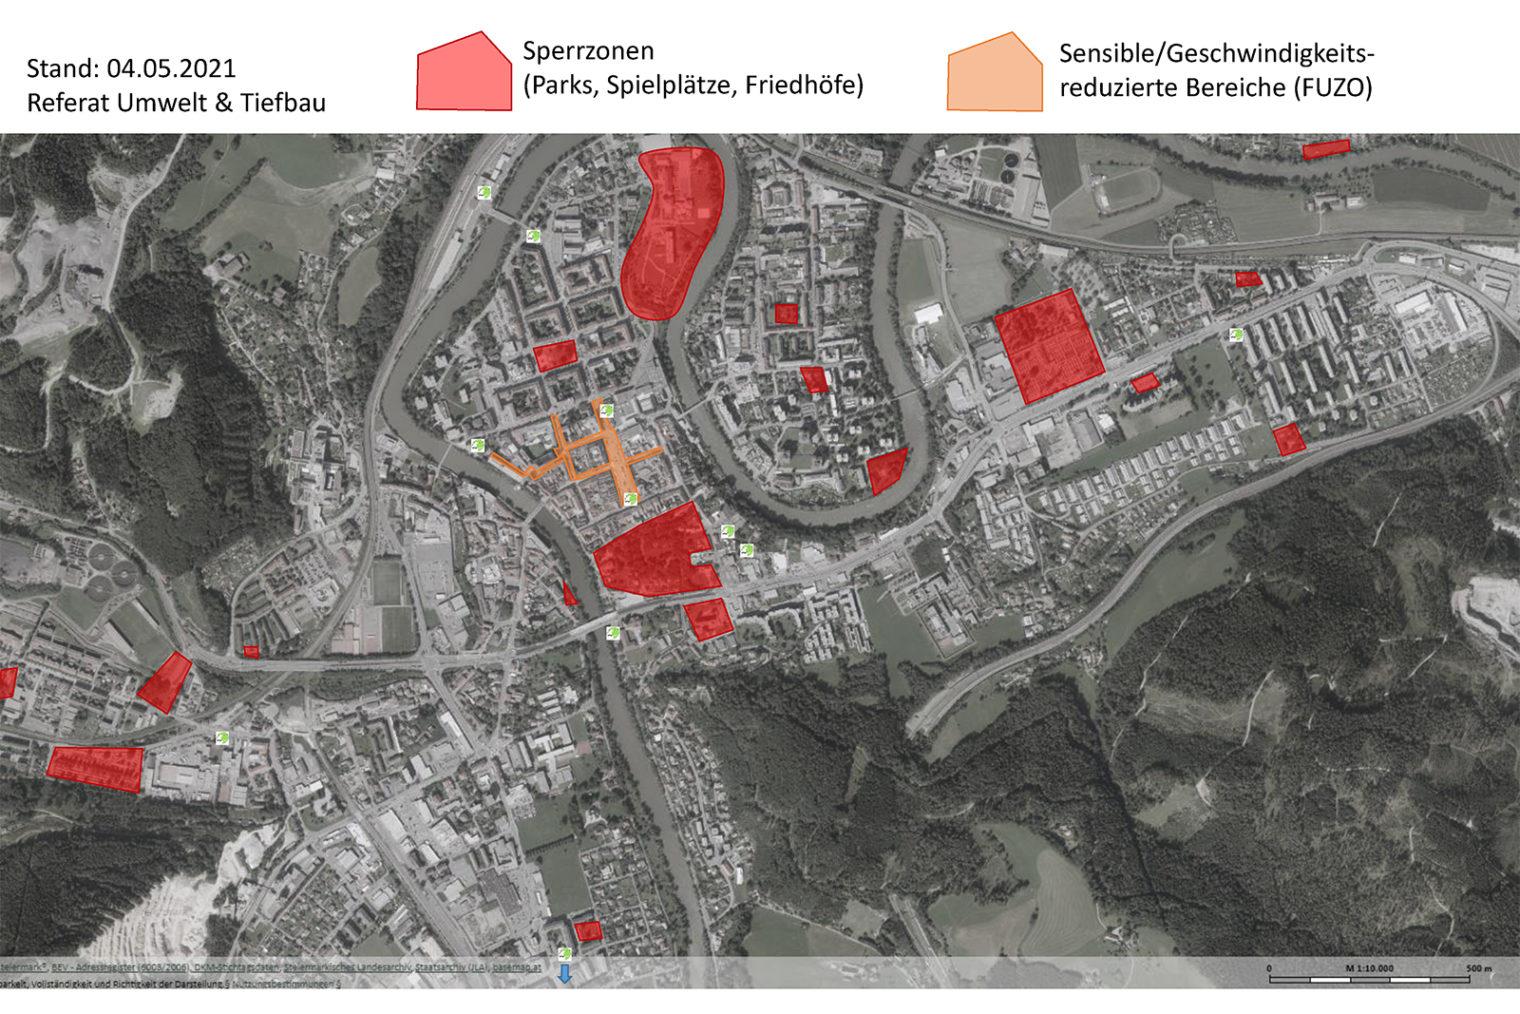 Übersichtskarte mit den Standorten der E-Scooter